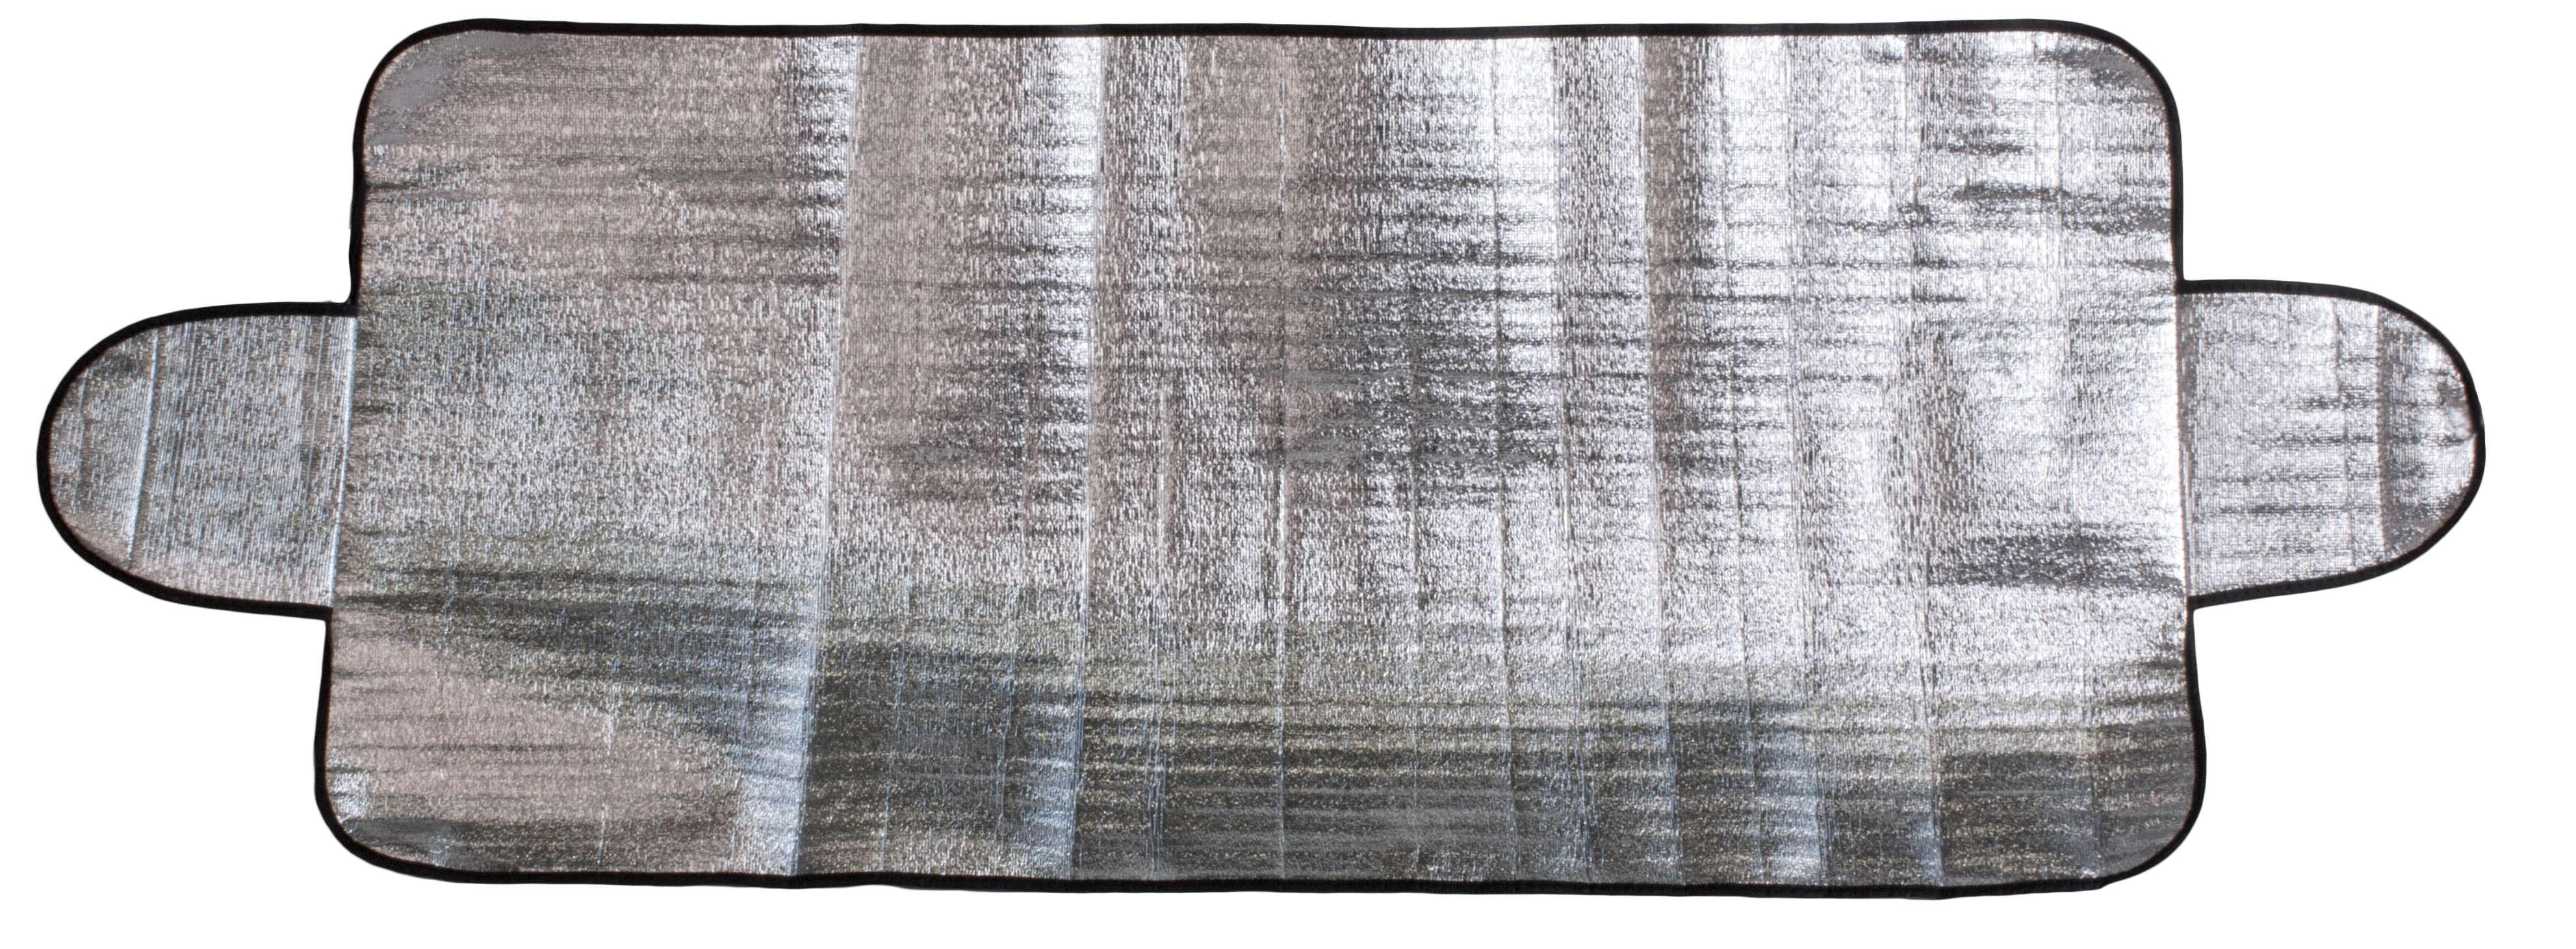 Comprare 16540 WALSER Largh.: 200cm, Alt.: 70cm Copertura parabrezza 16540 poco costoso